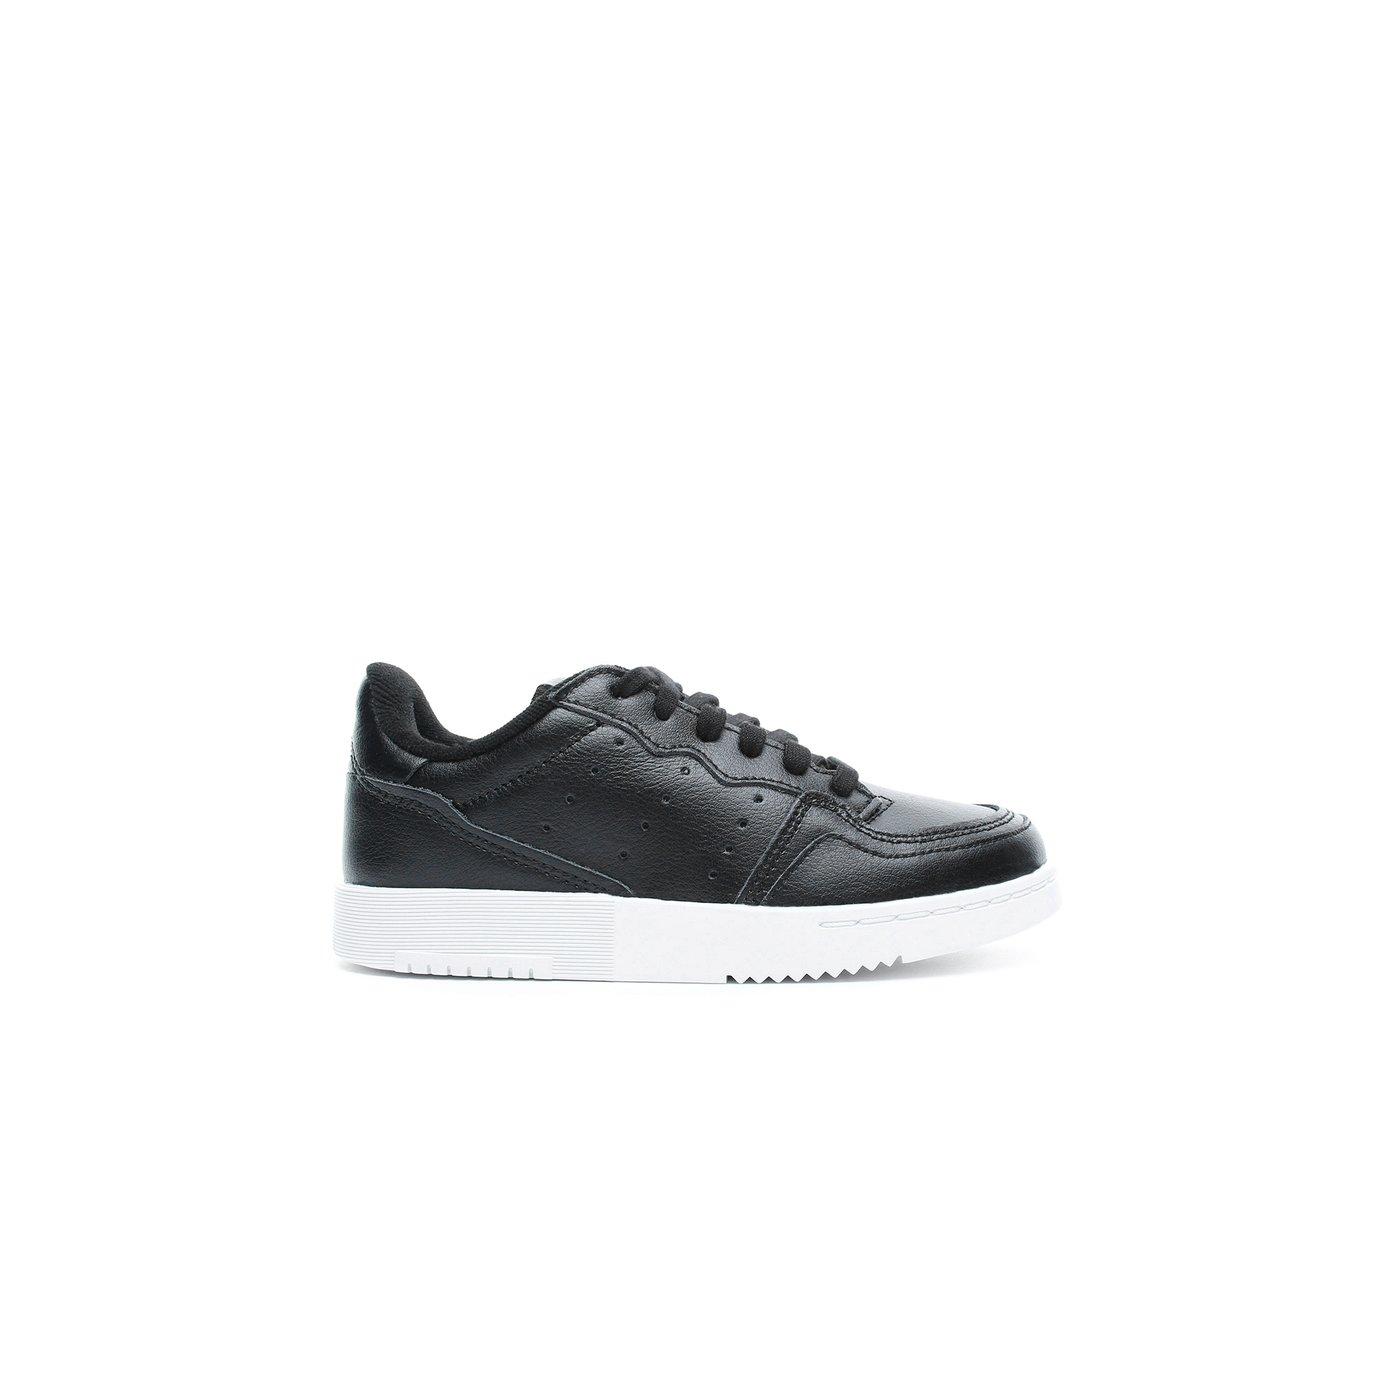 adidas Supercourt Çocuk Siyah Spor Ayakkabı